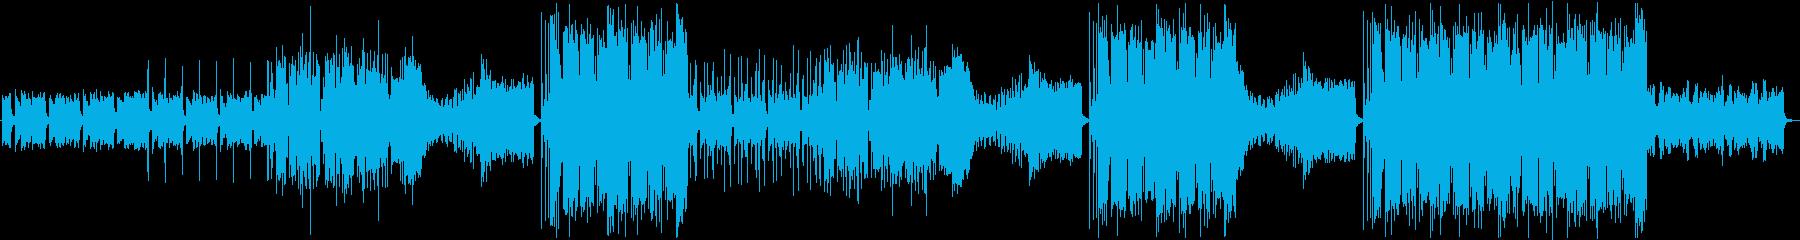 おしゃれ・CM・映像 フューチャーベースの再生済みの波形